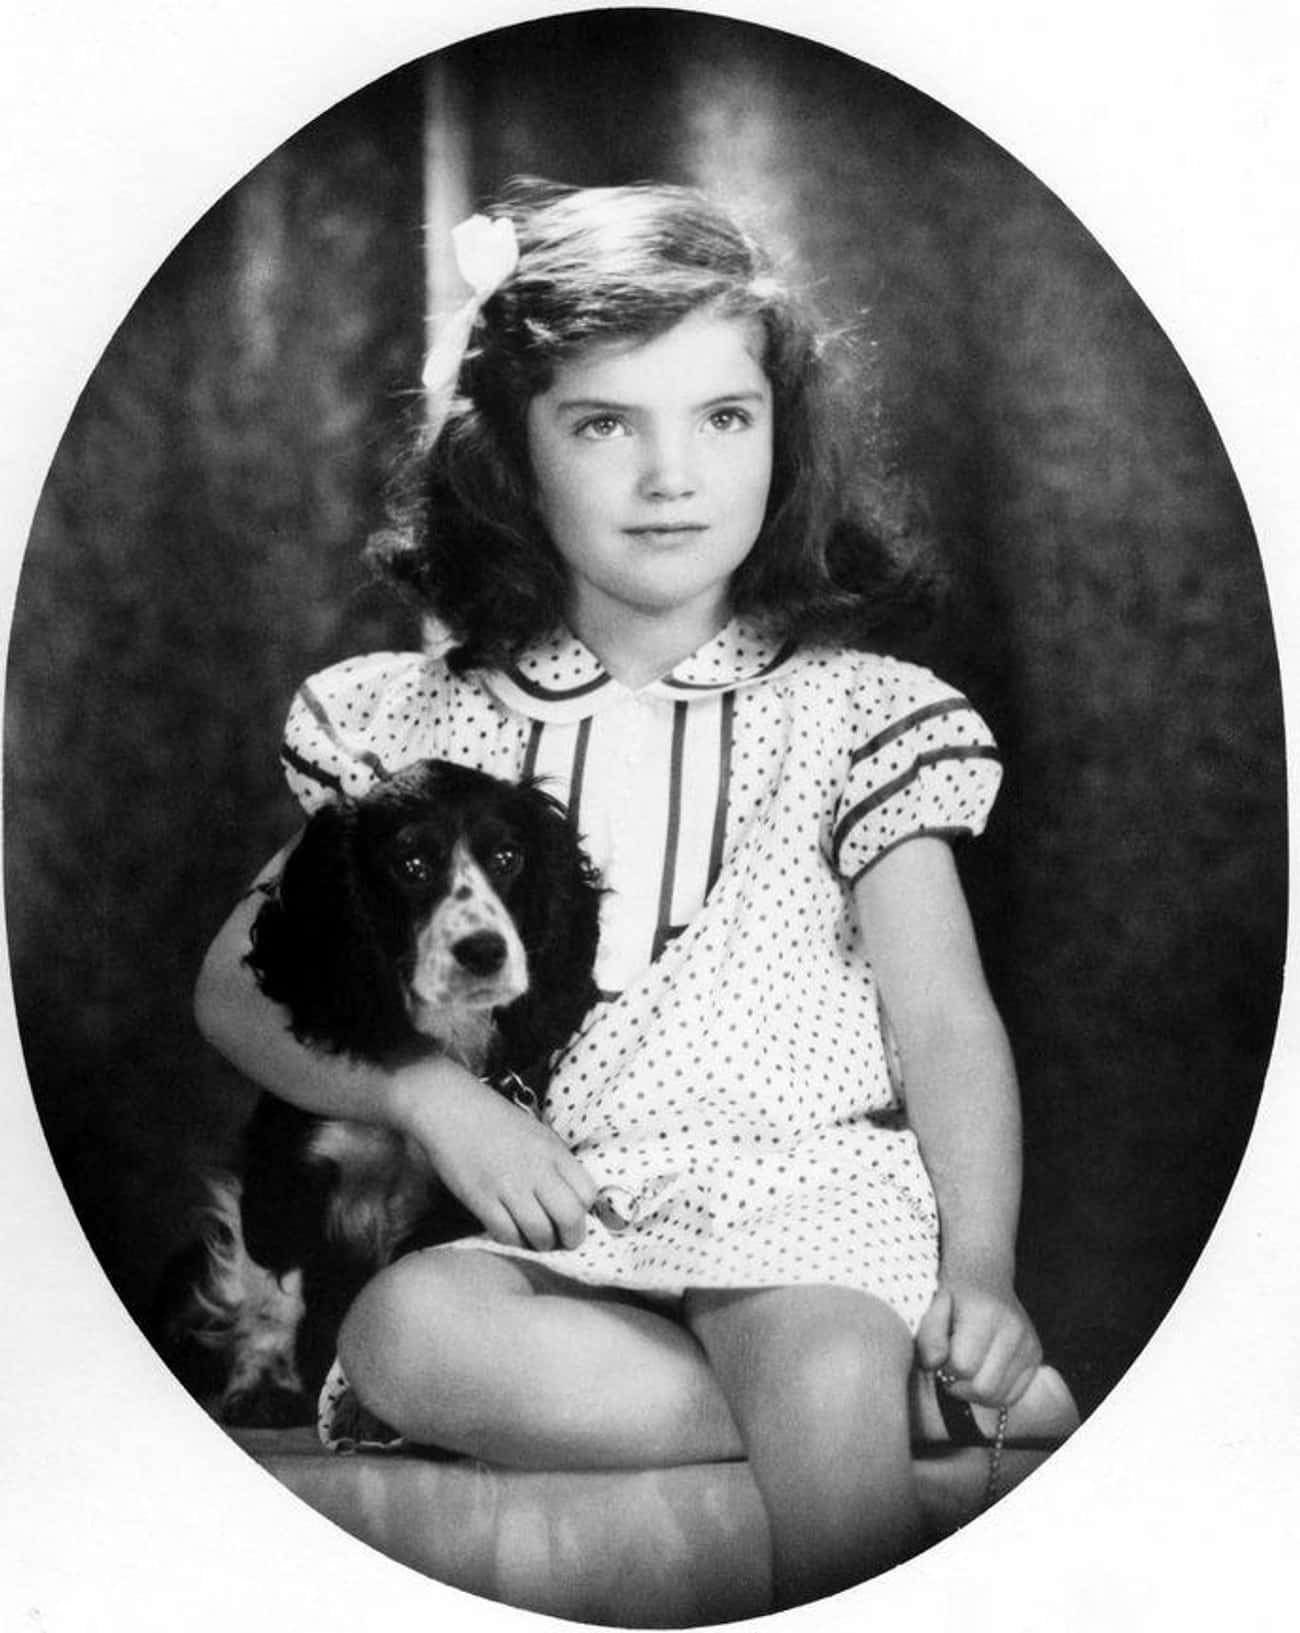 Jacqueline Kennedy Onassis - 1935